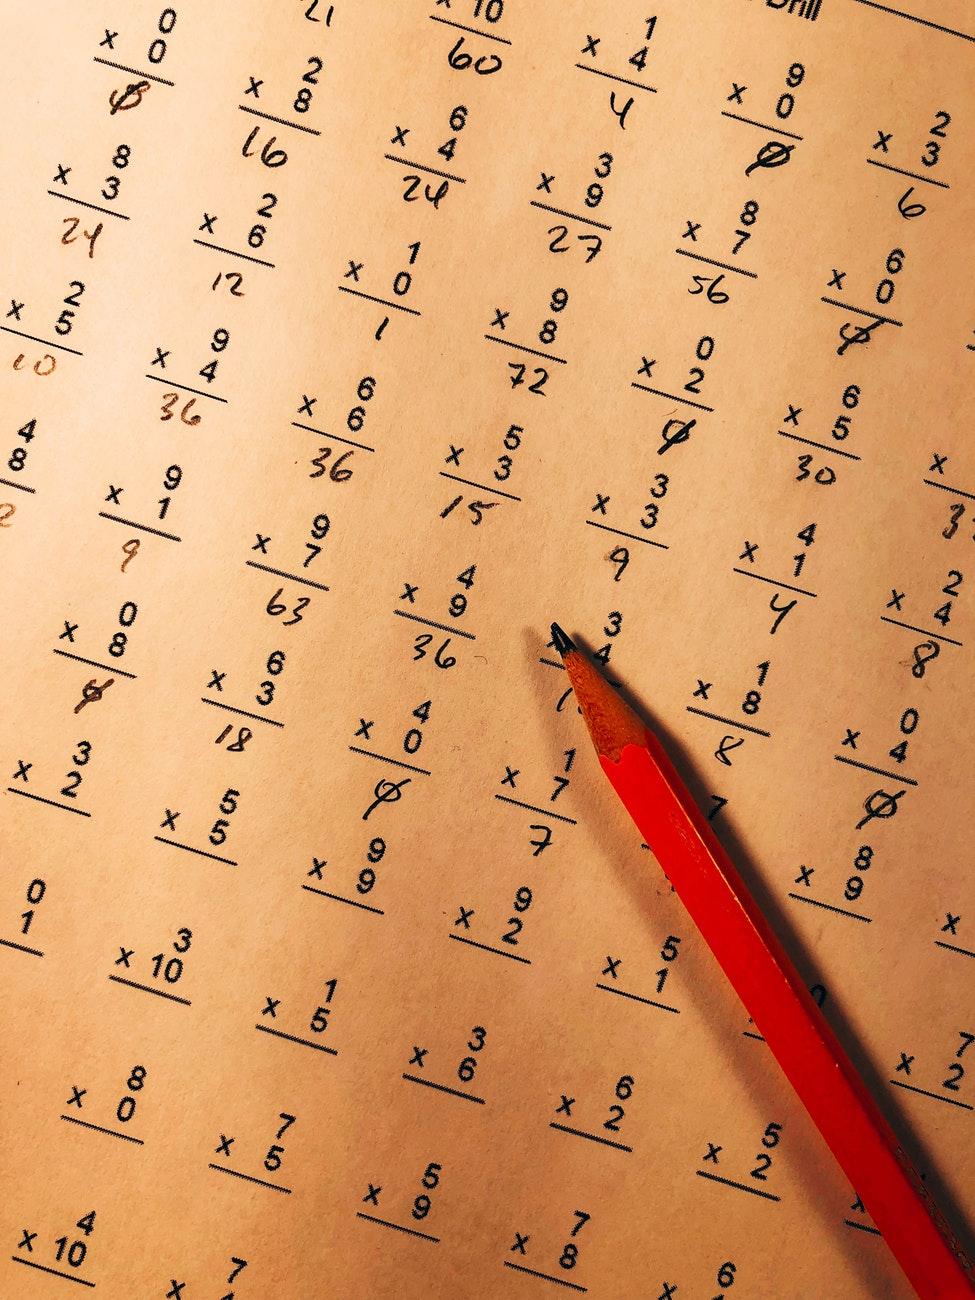 Should schools get rid of tests?